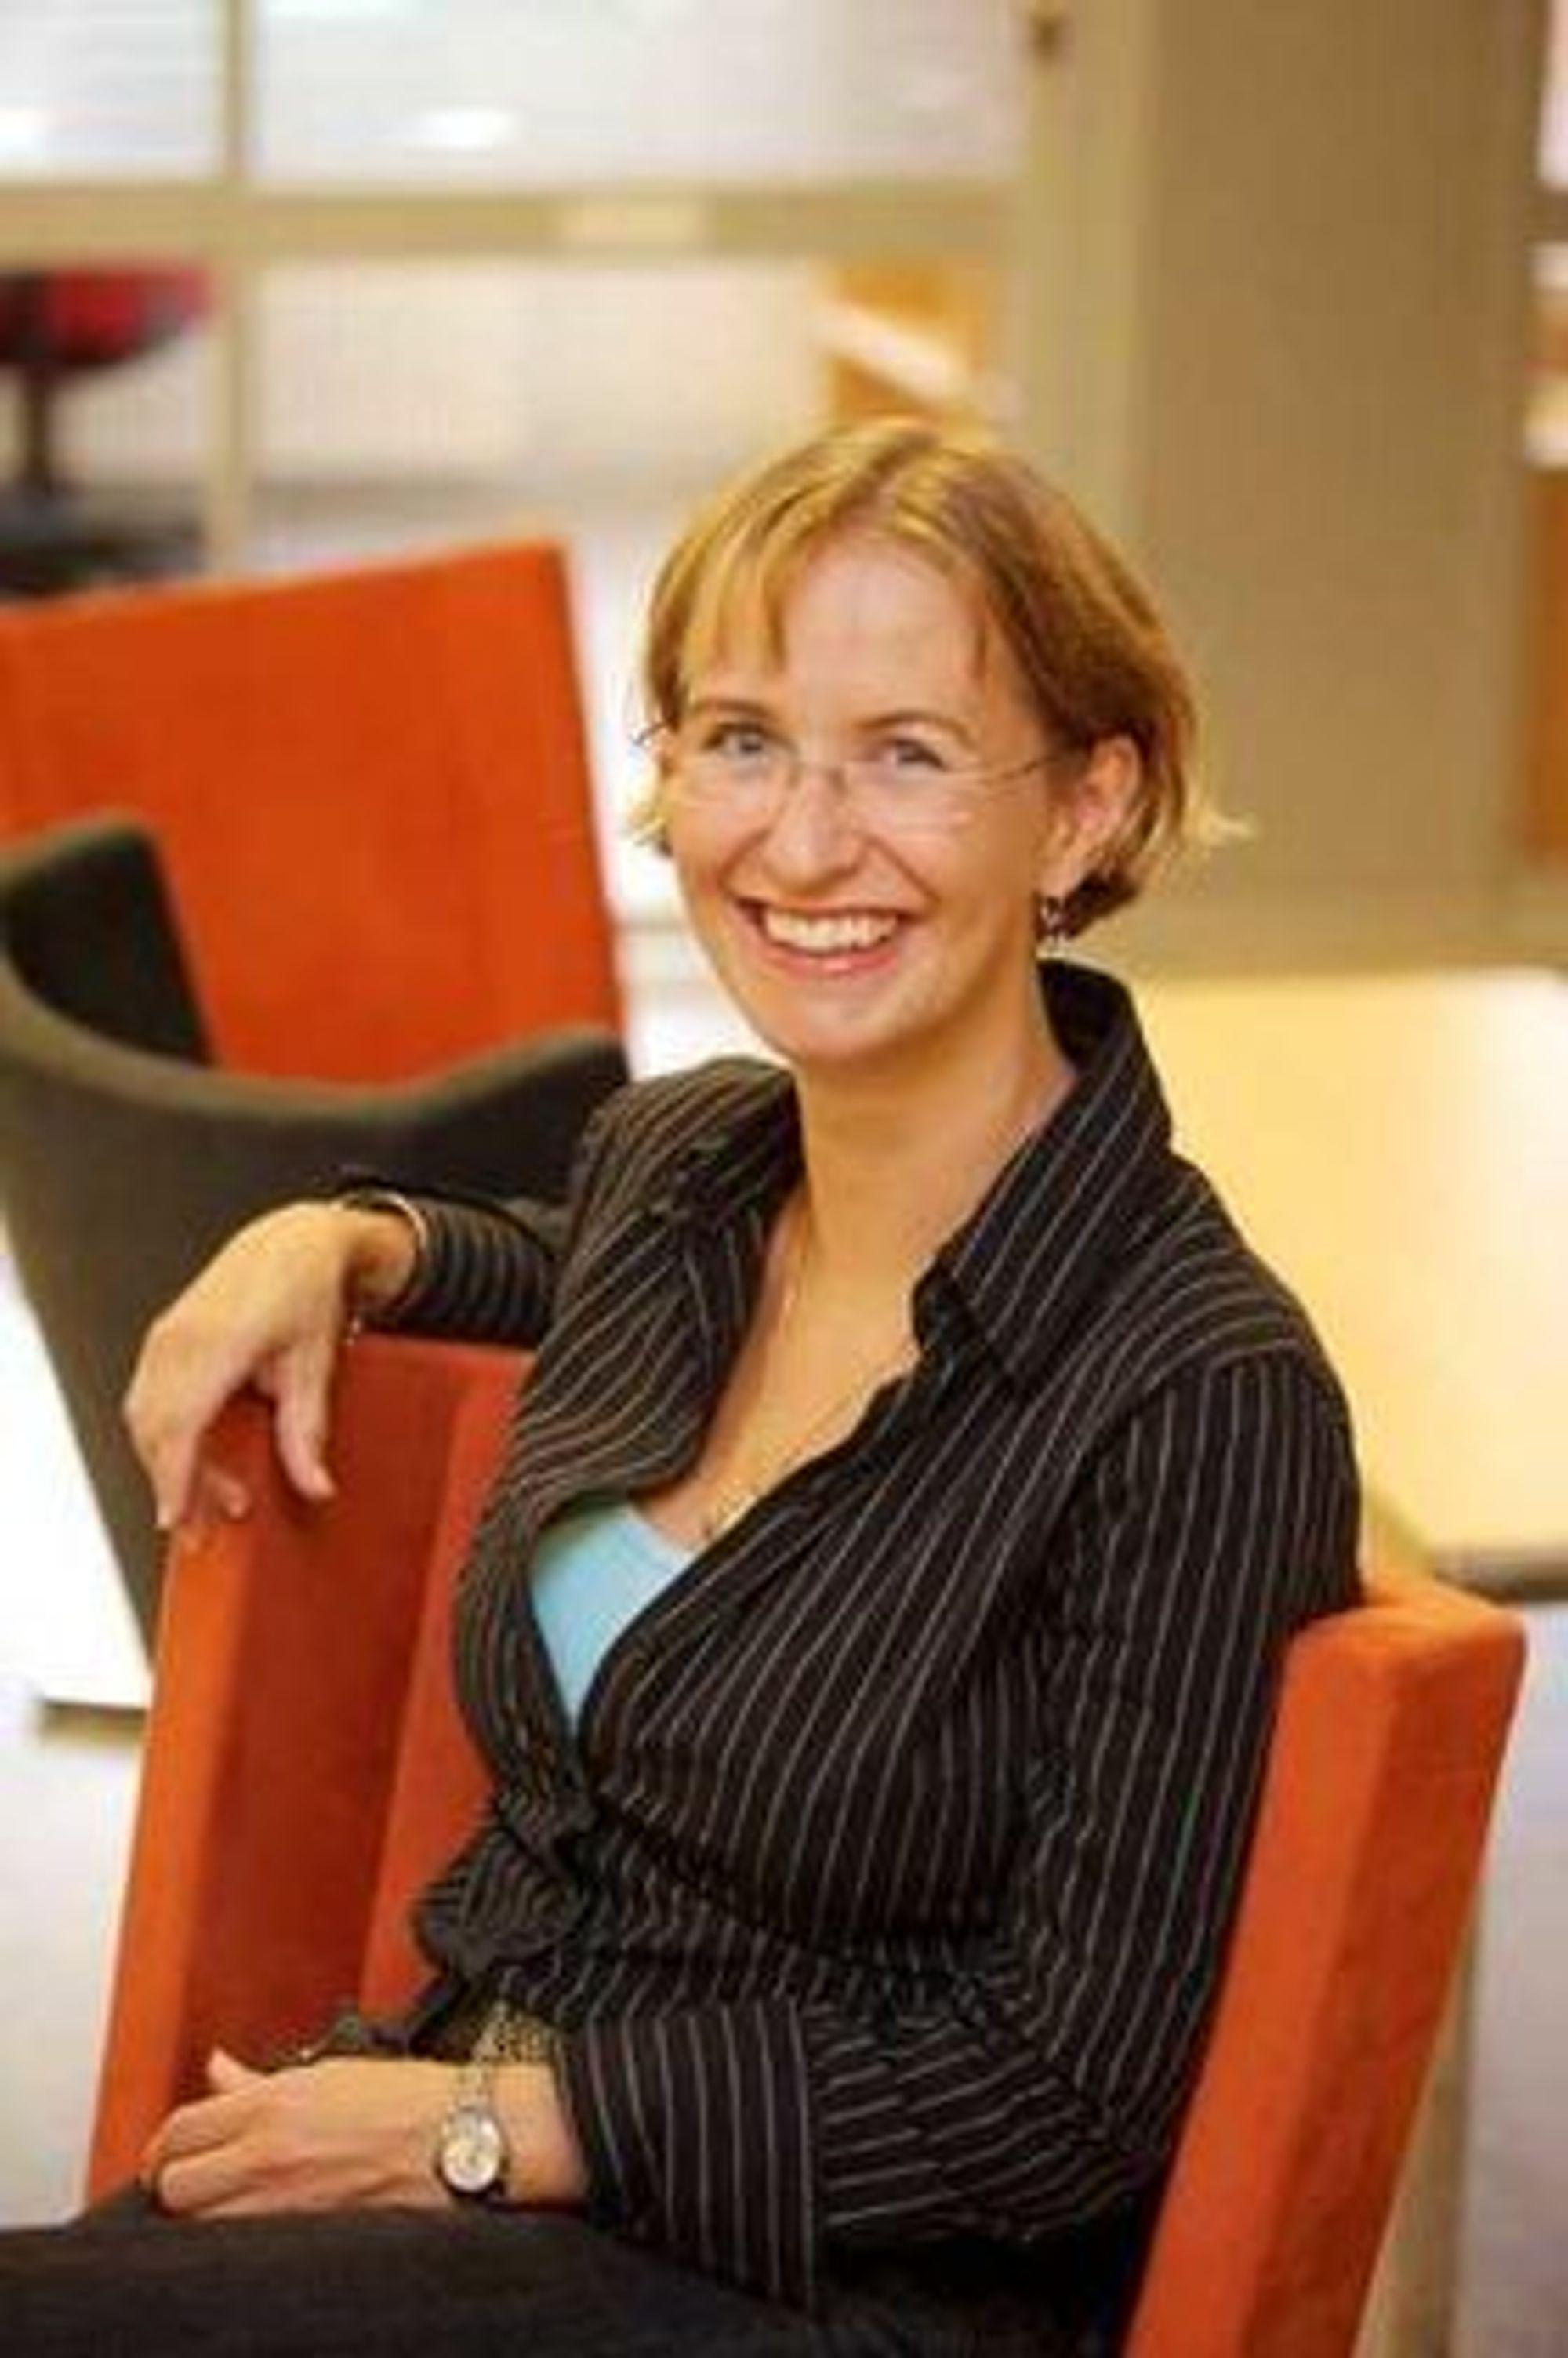 Seksjonssjef Marit Mellingen i Difi har sett nærmere på digitaliseringen i offentlig sektor. Ikke alle funnene var like oppløftene.